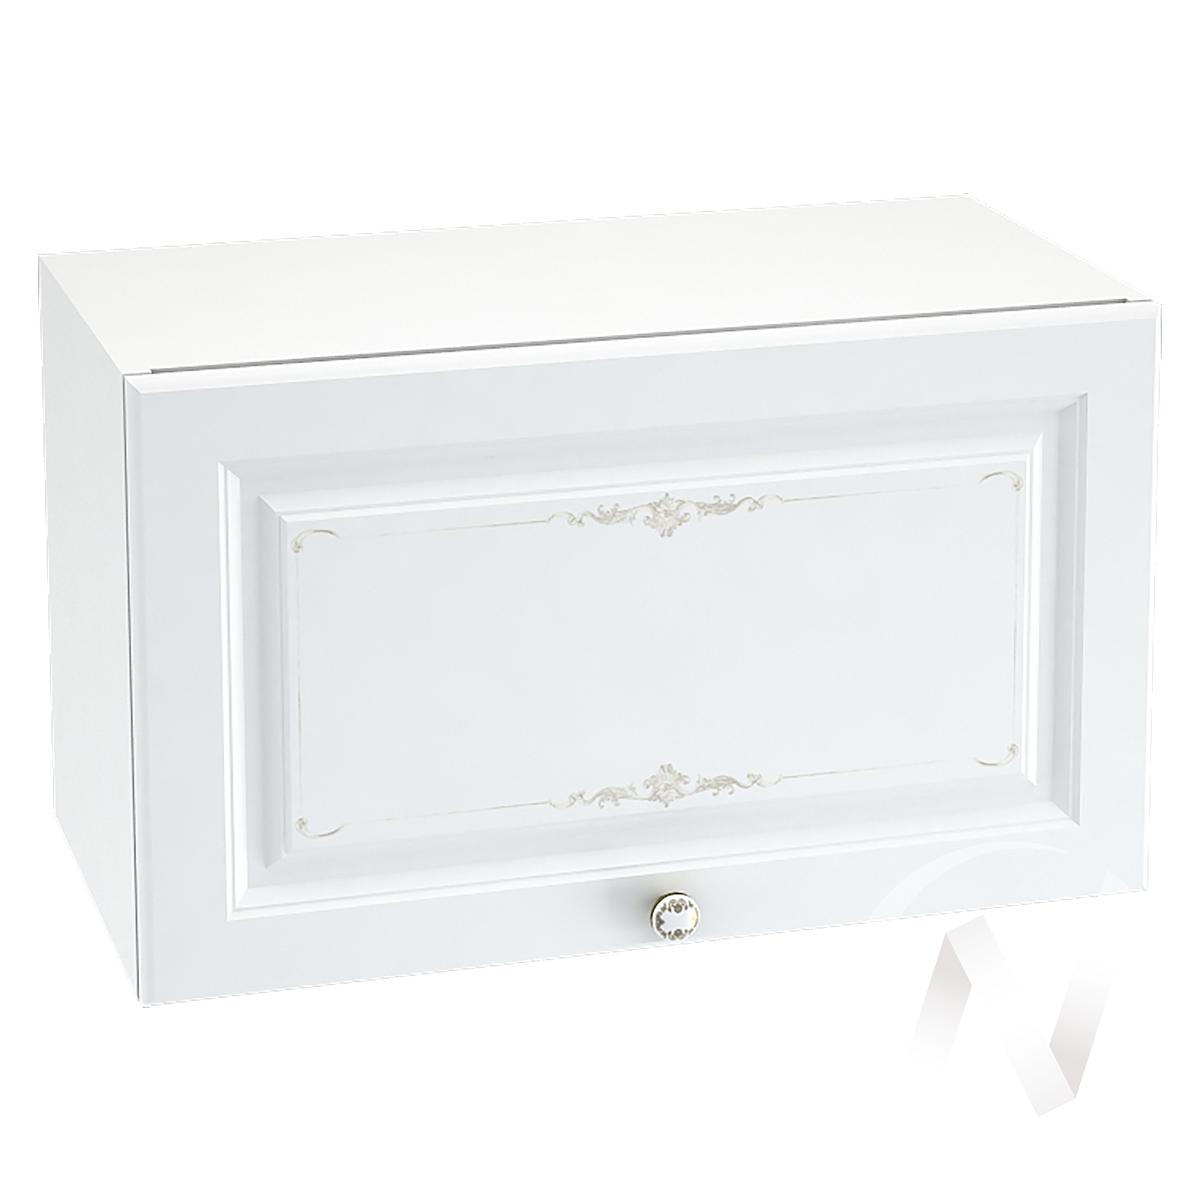 """Кухня """"Шарлиз"""": Шкаф верхний горизонтальный 600, ШВГ 600 (корпус белый)"""